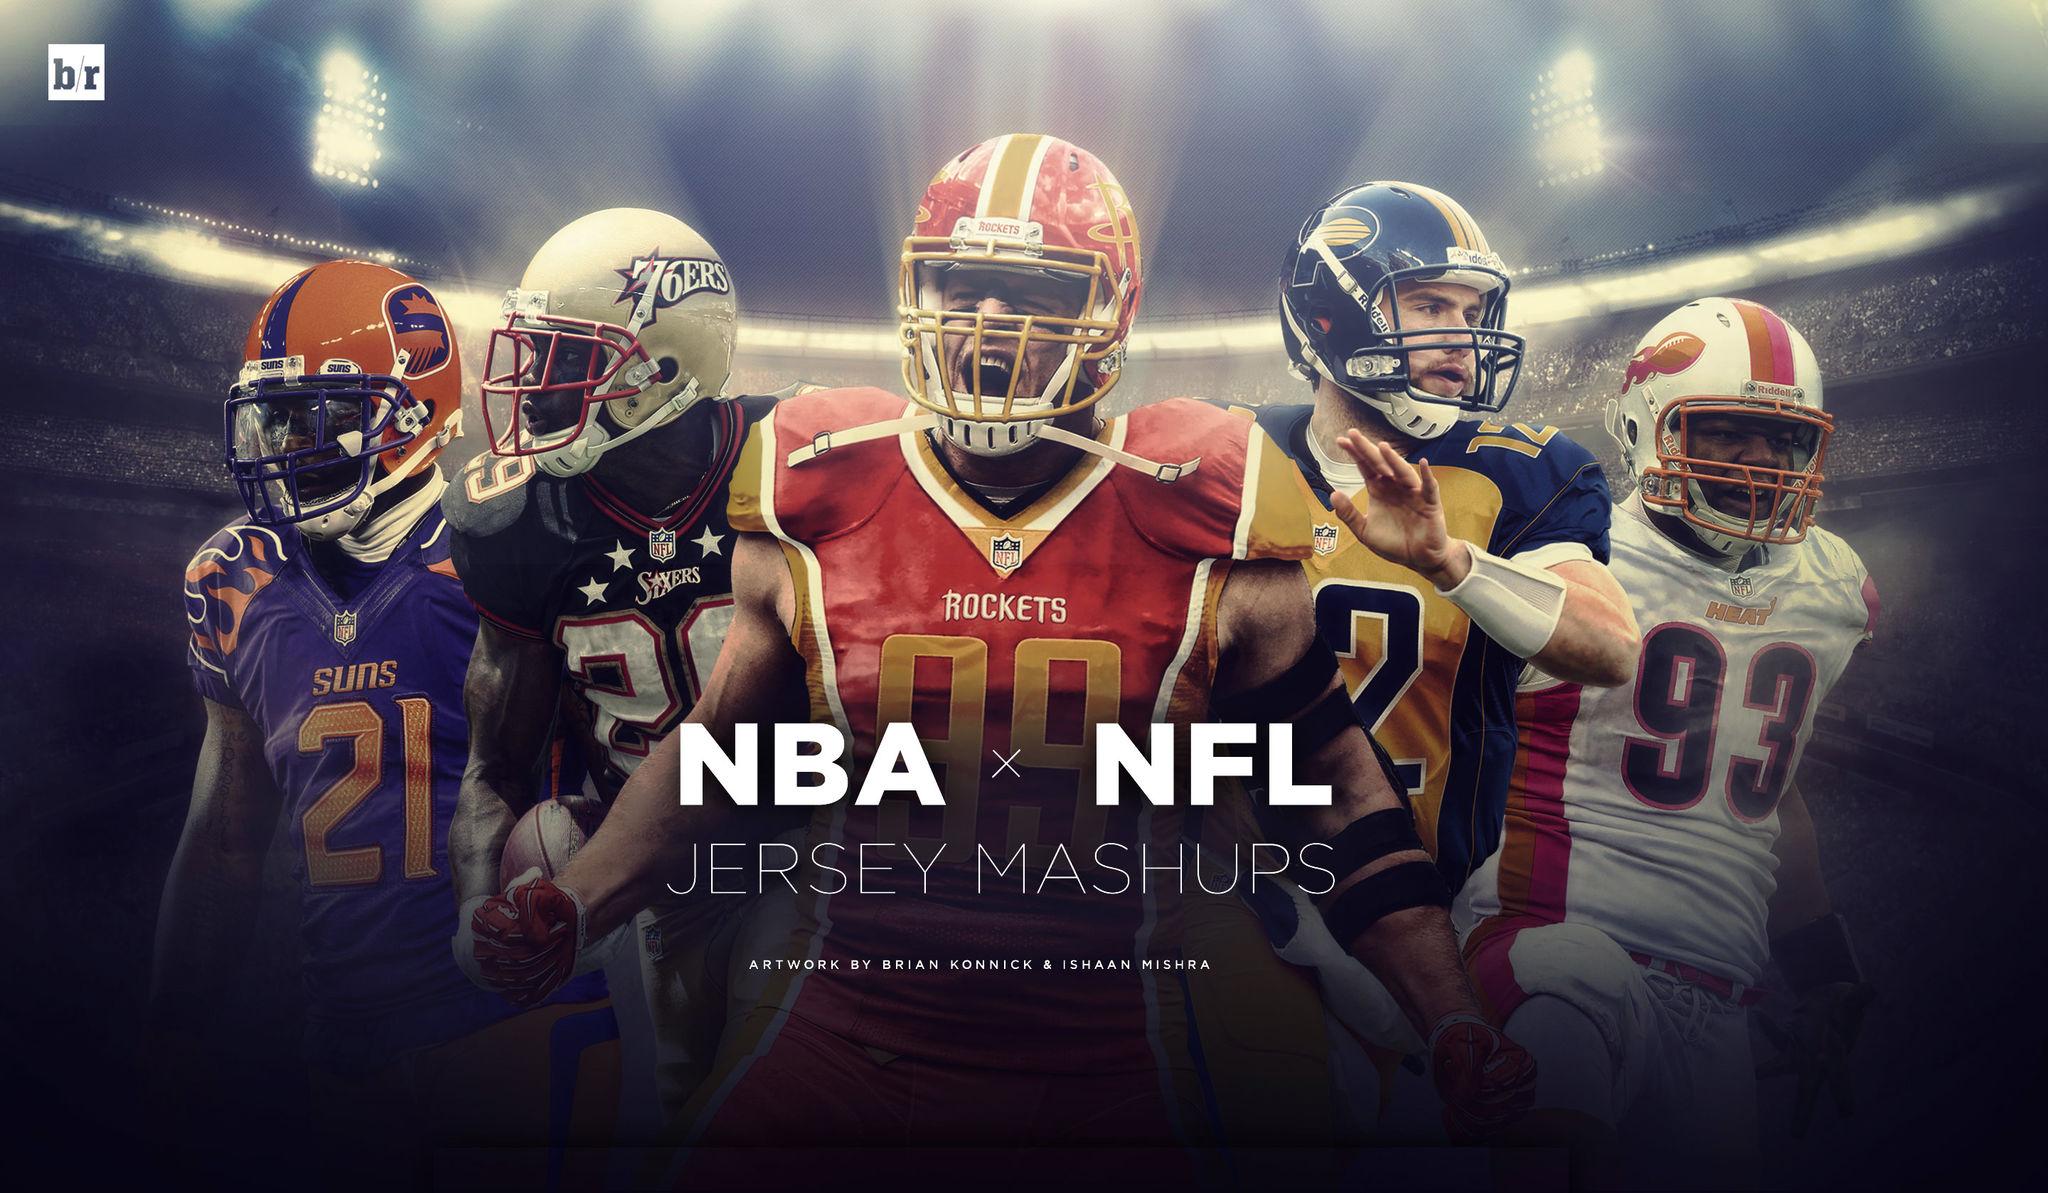 Ventidue divise NFL disegnate in modalità NBA